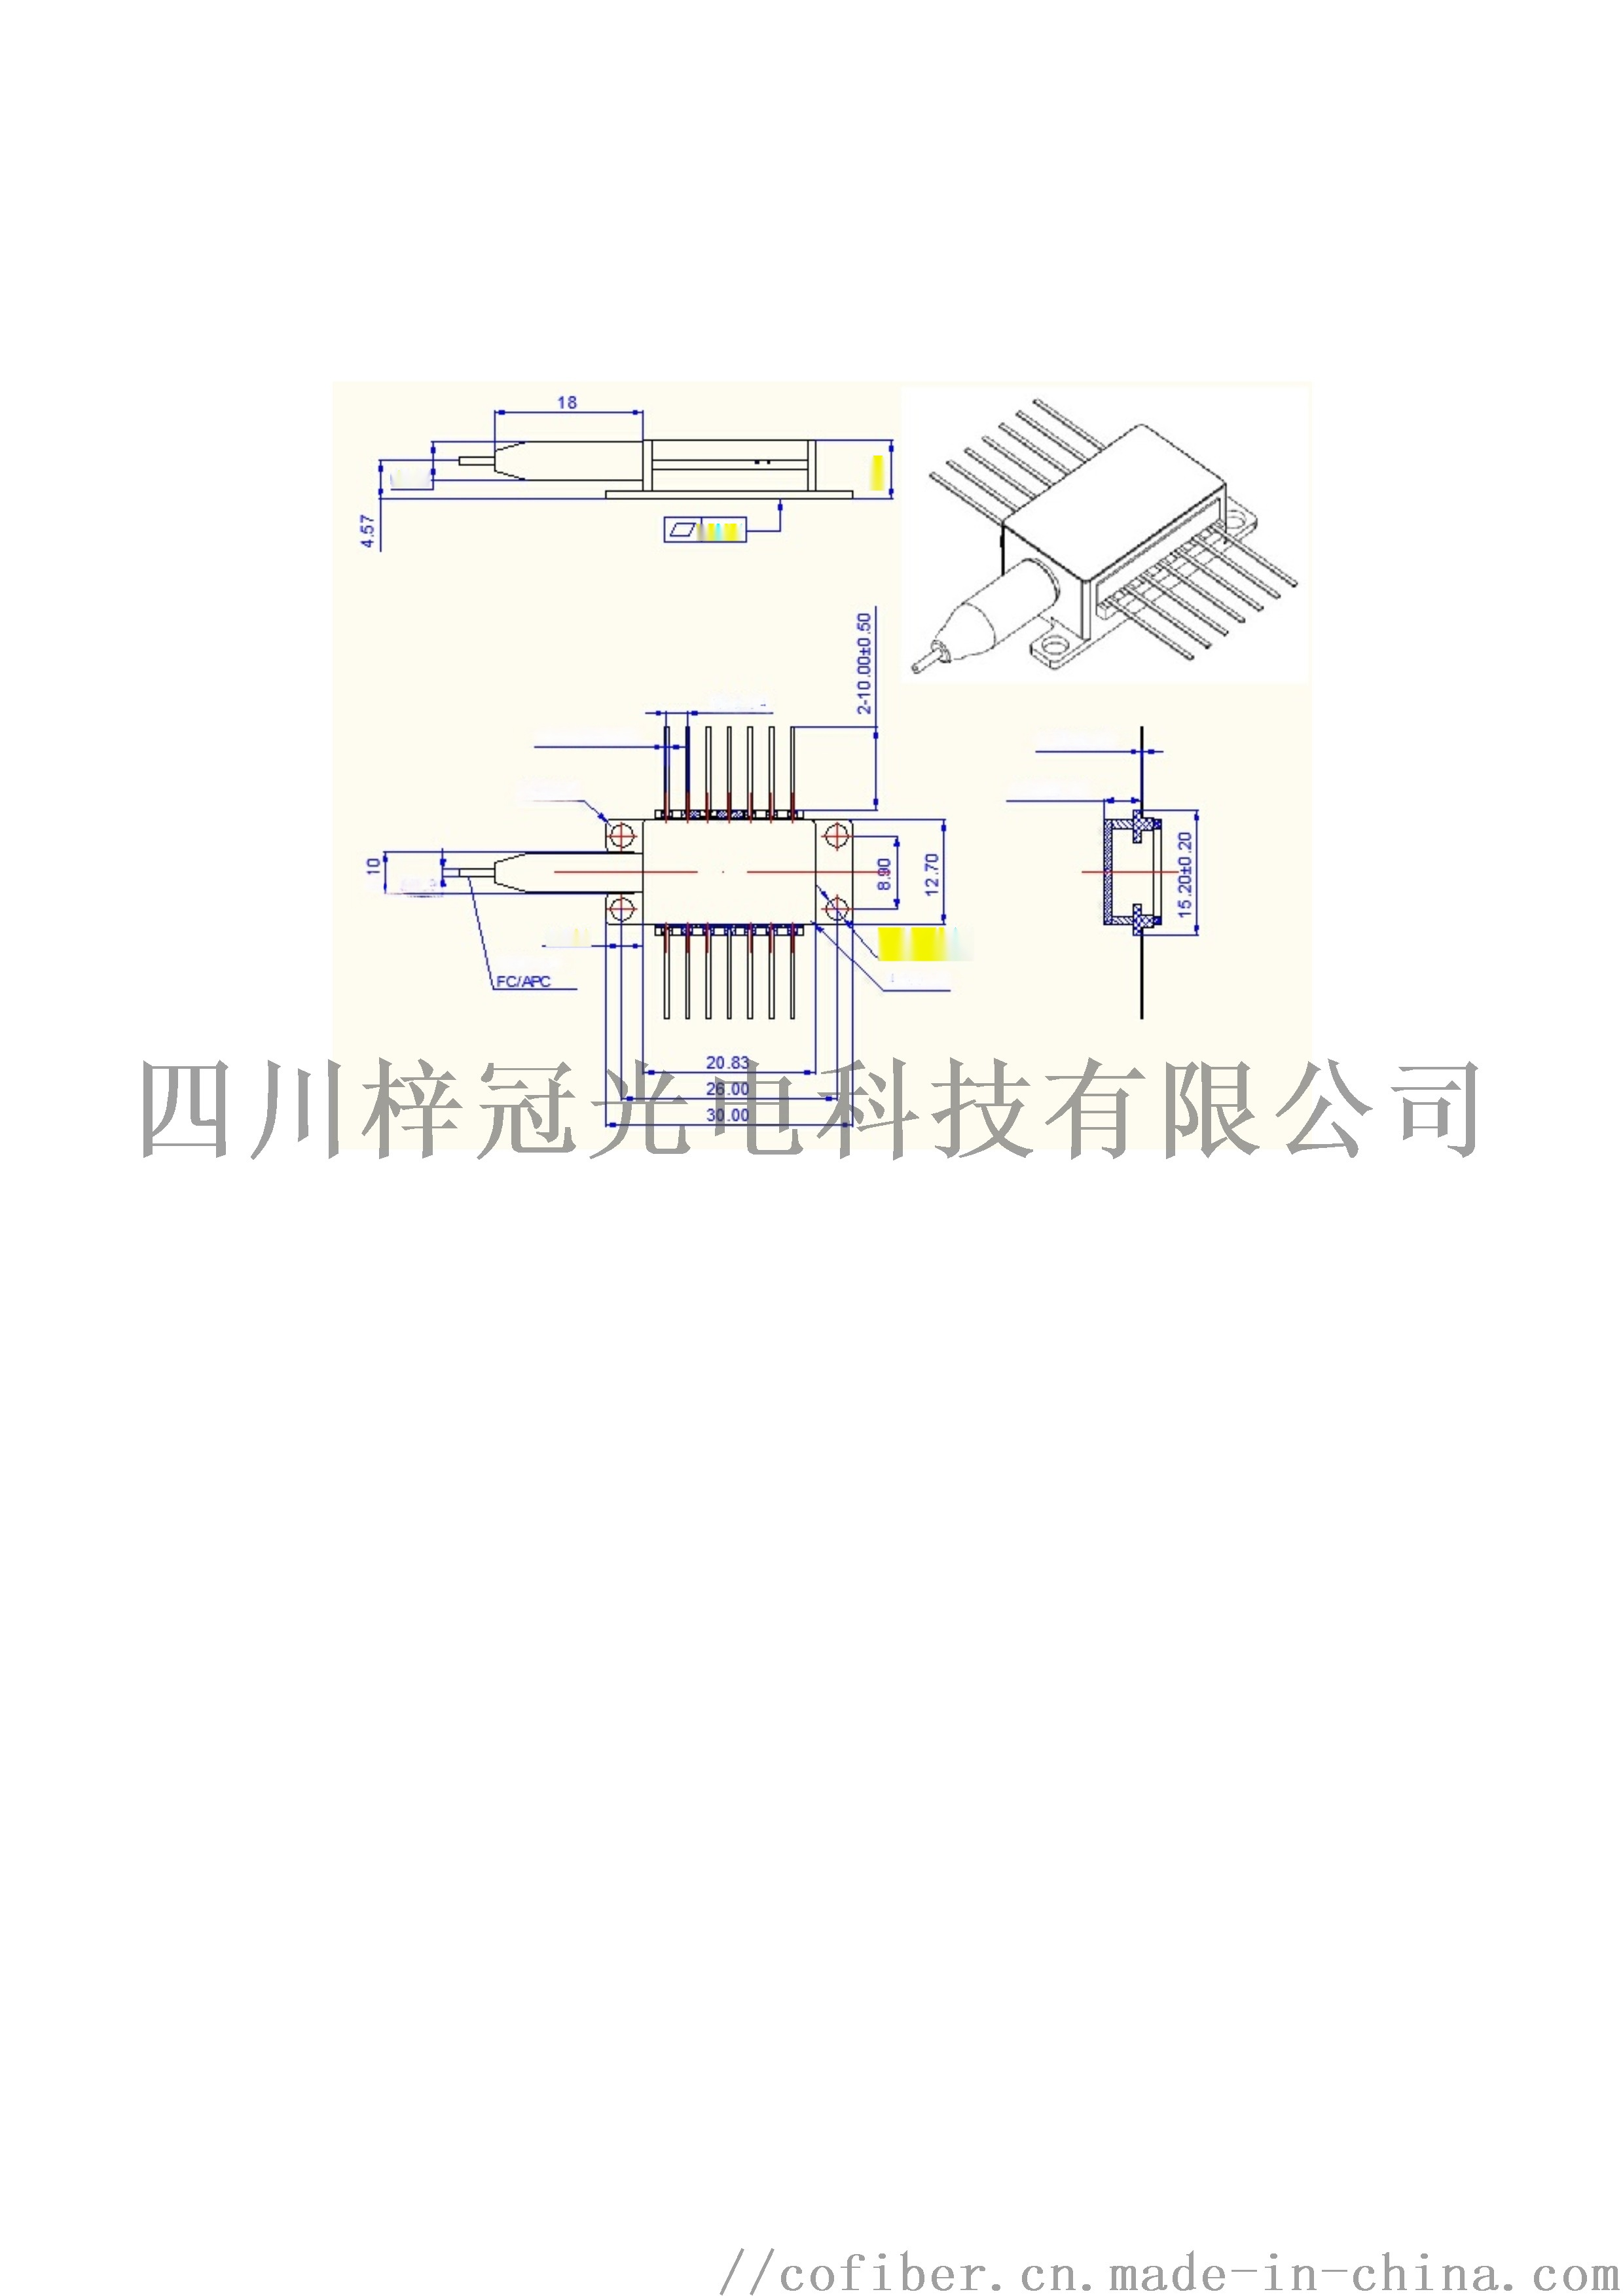 DFB蝶形激光器-气体检测V01(1)1392_3.jpg